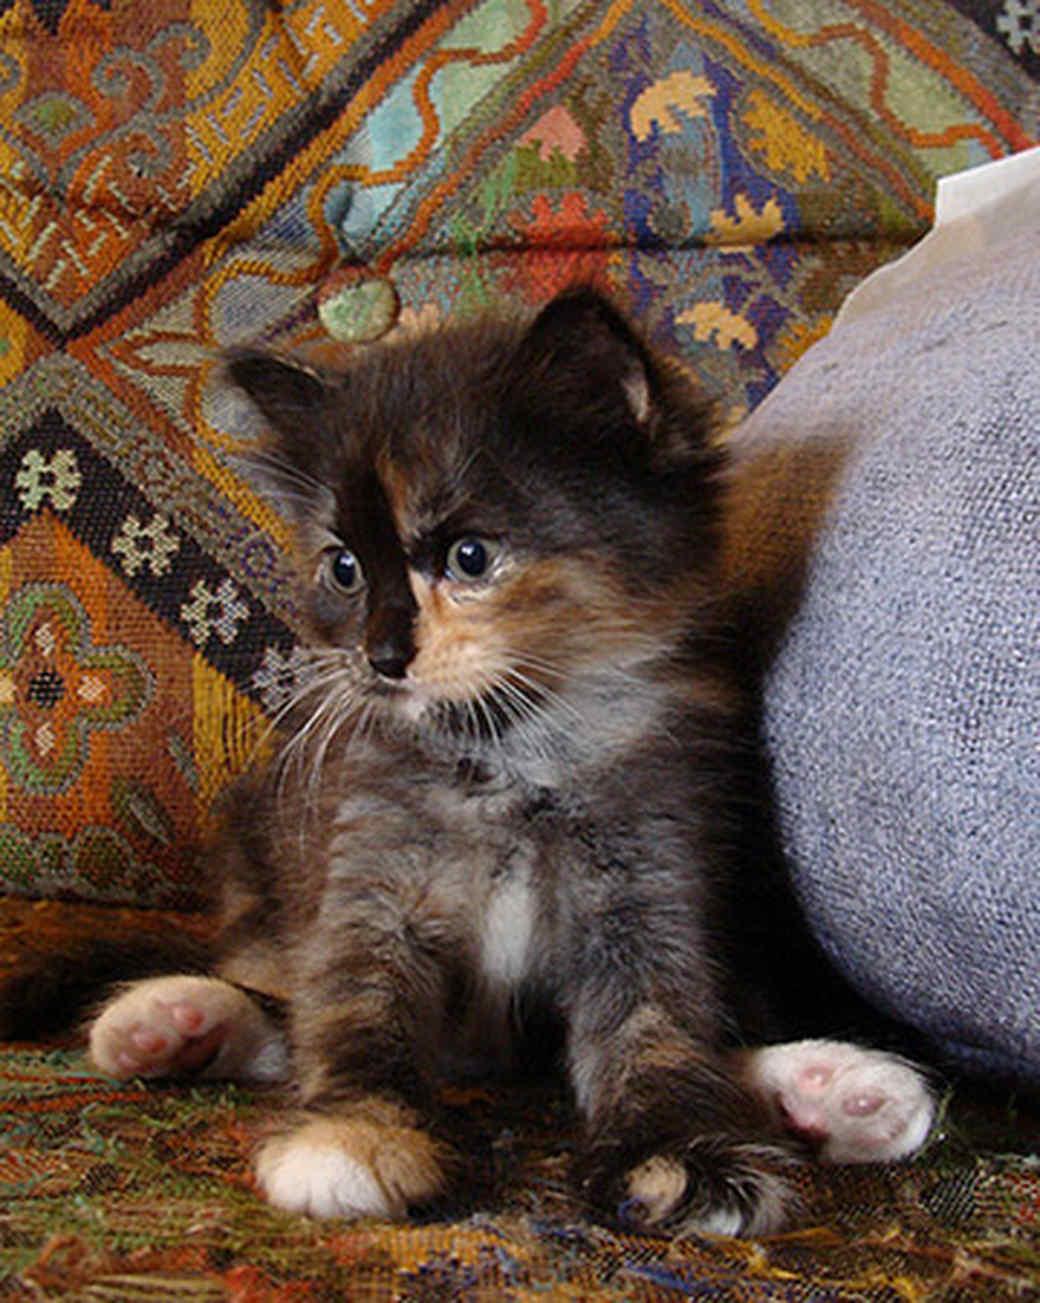 pets_kittens_0610_9675339_11289143.jpg